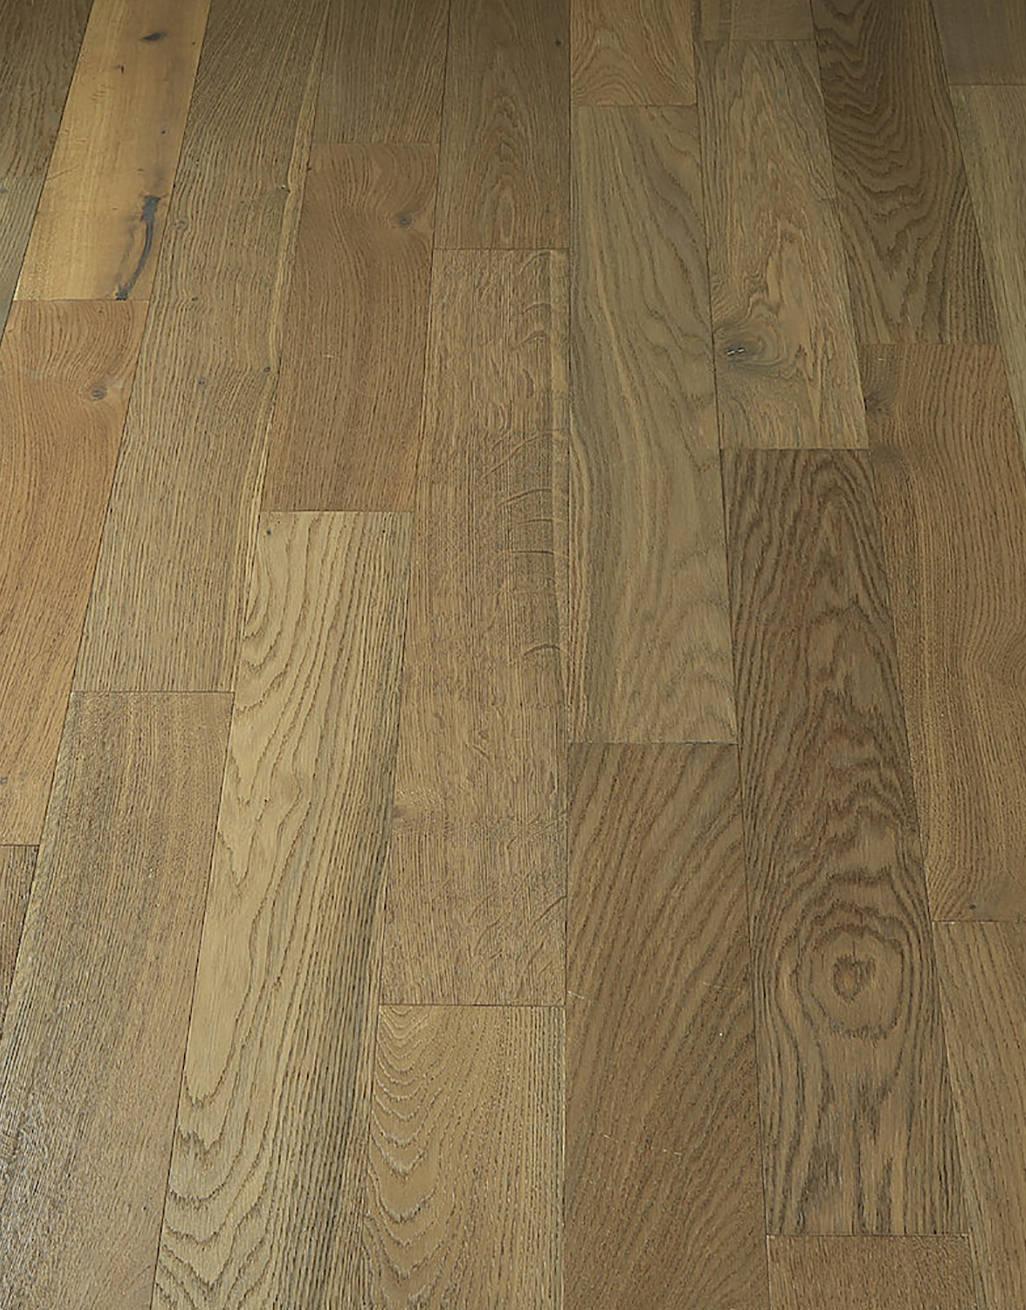 Studio Blonde Oak Brushed Amp Oiled Engineered Wood Flooring